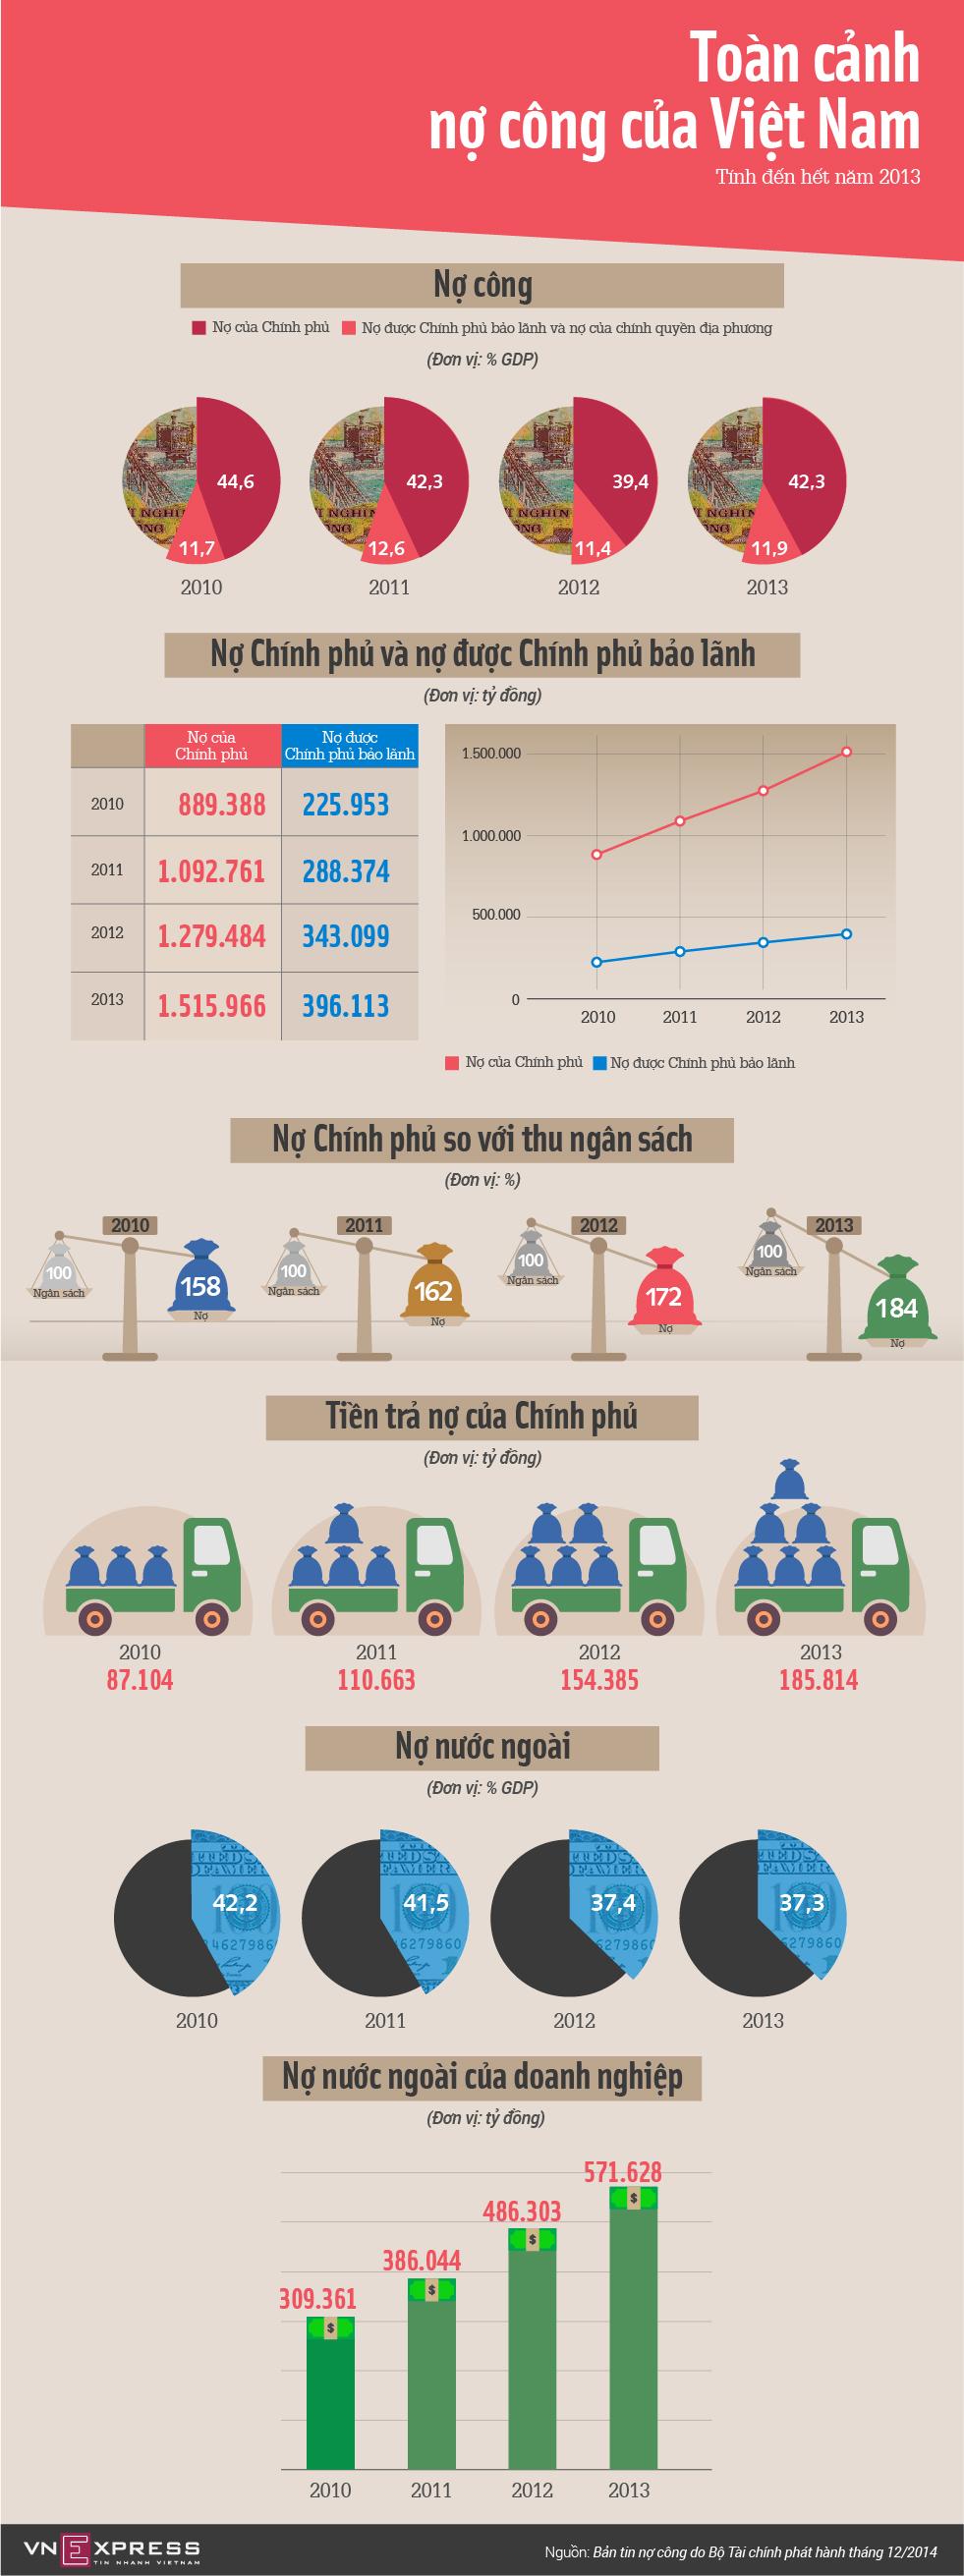 Toàn cảnh nợ công Việt Nam